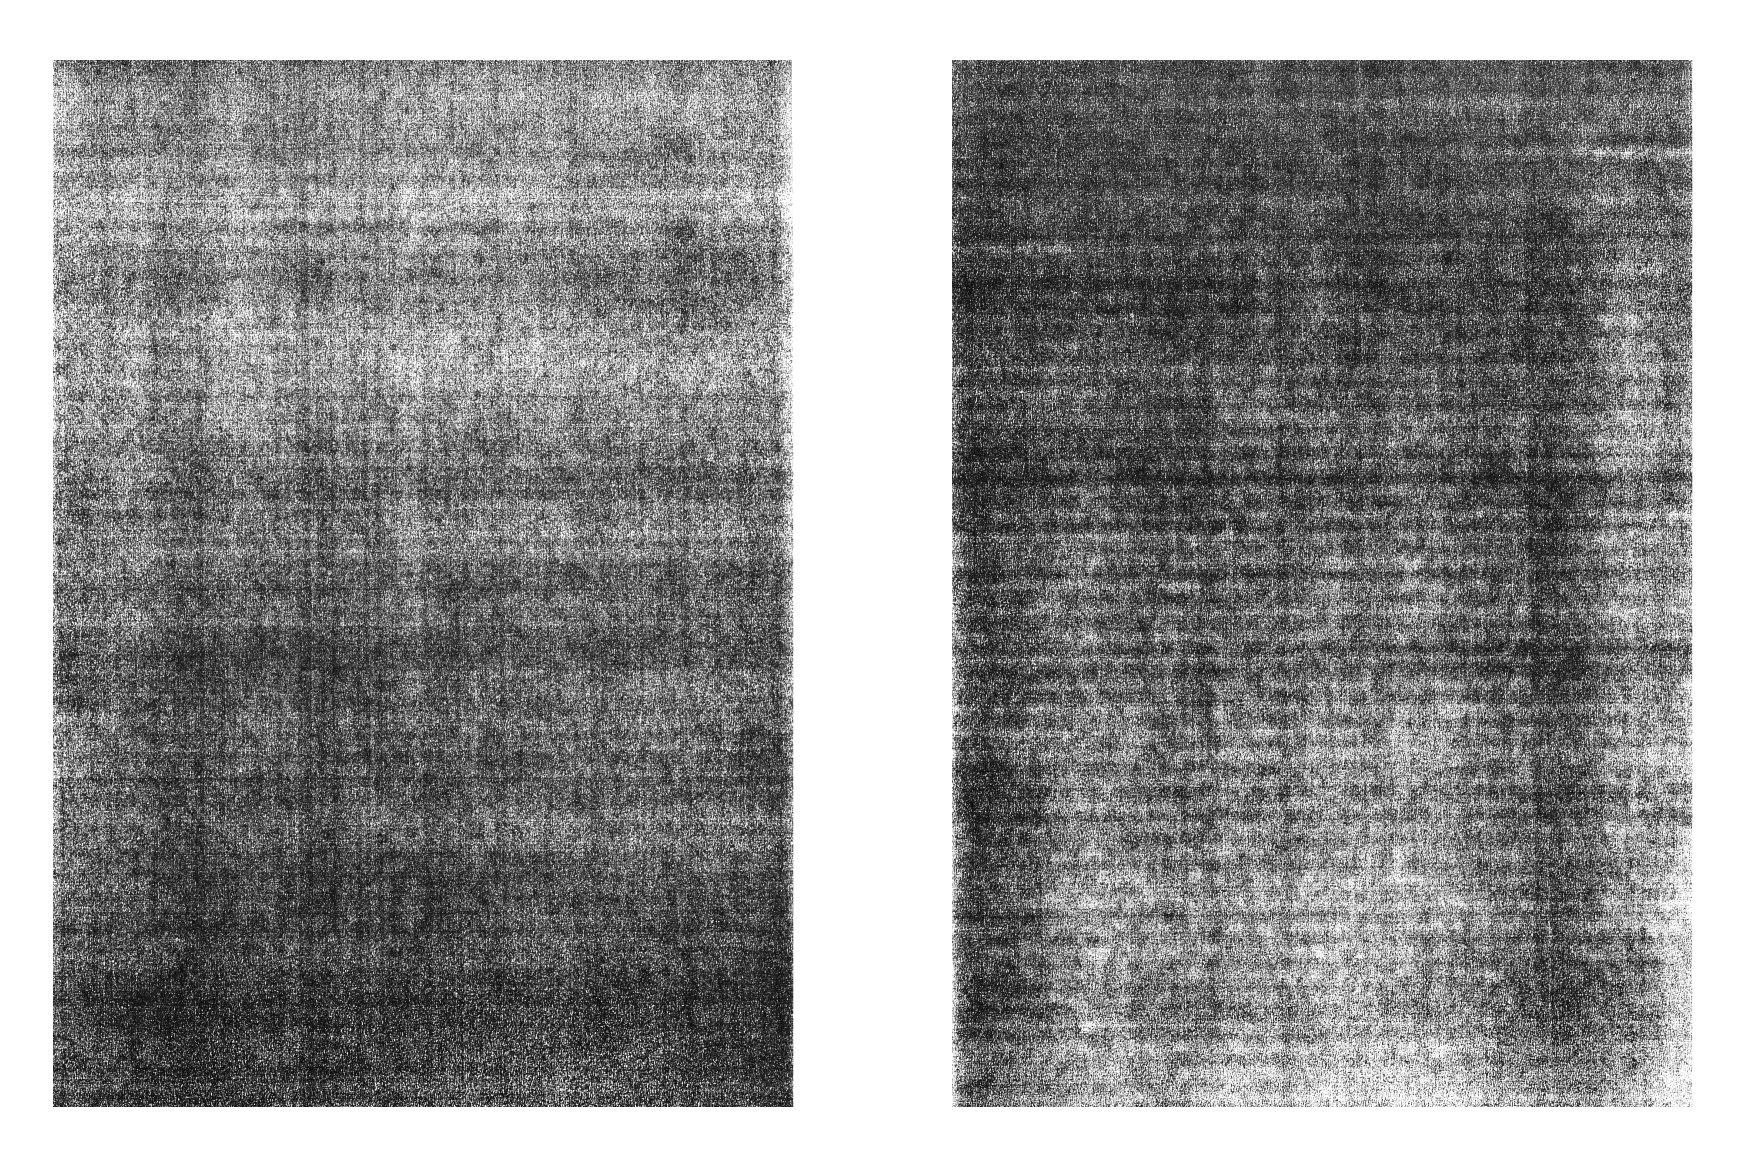 156款复古做旧折痕磨损褶皱纸张背景纹理素材合集 The Grunge Texture Bundle Vol. 1插图(90)